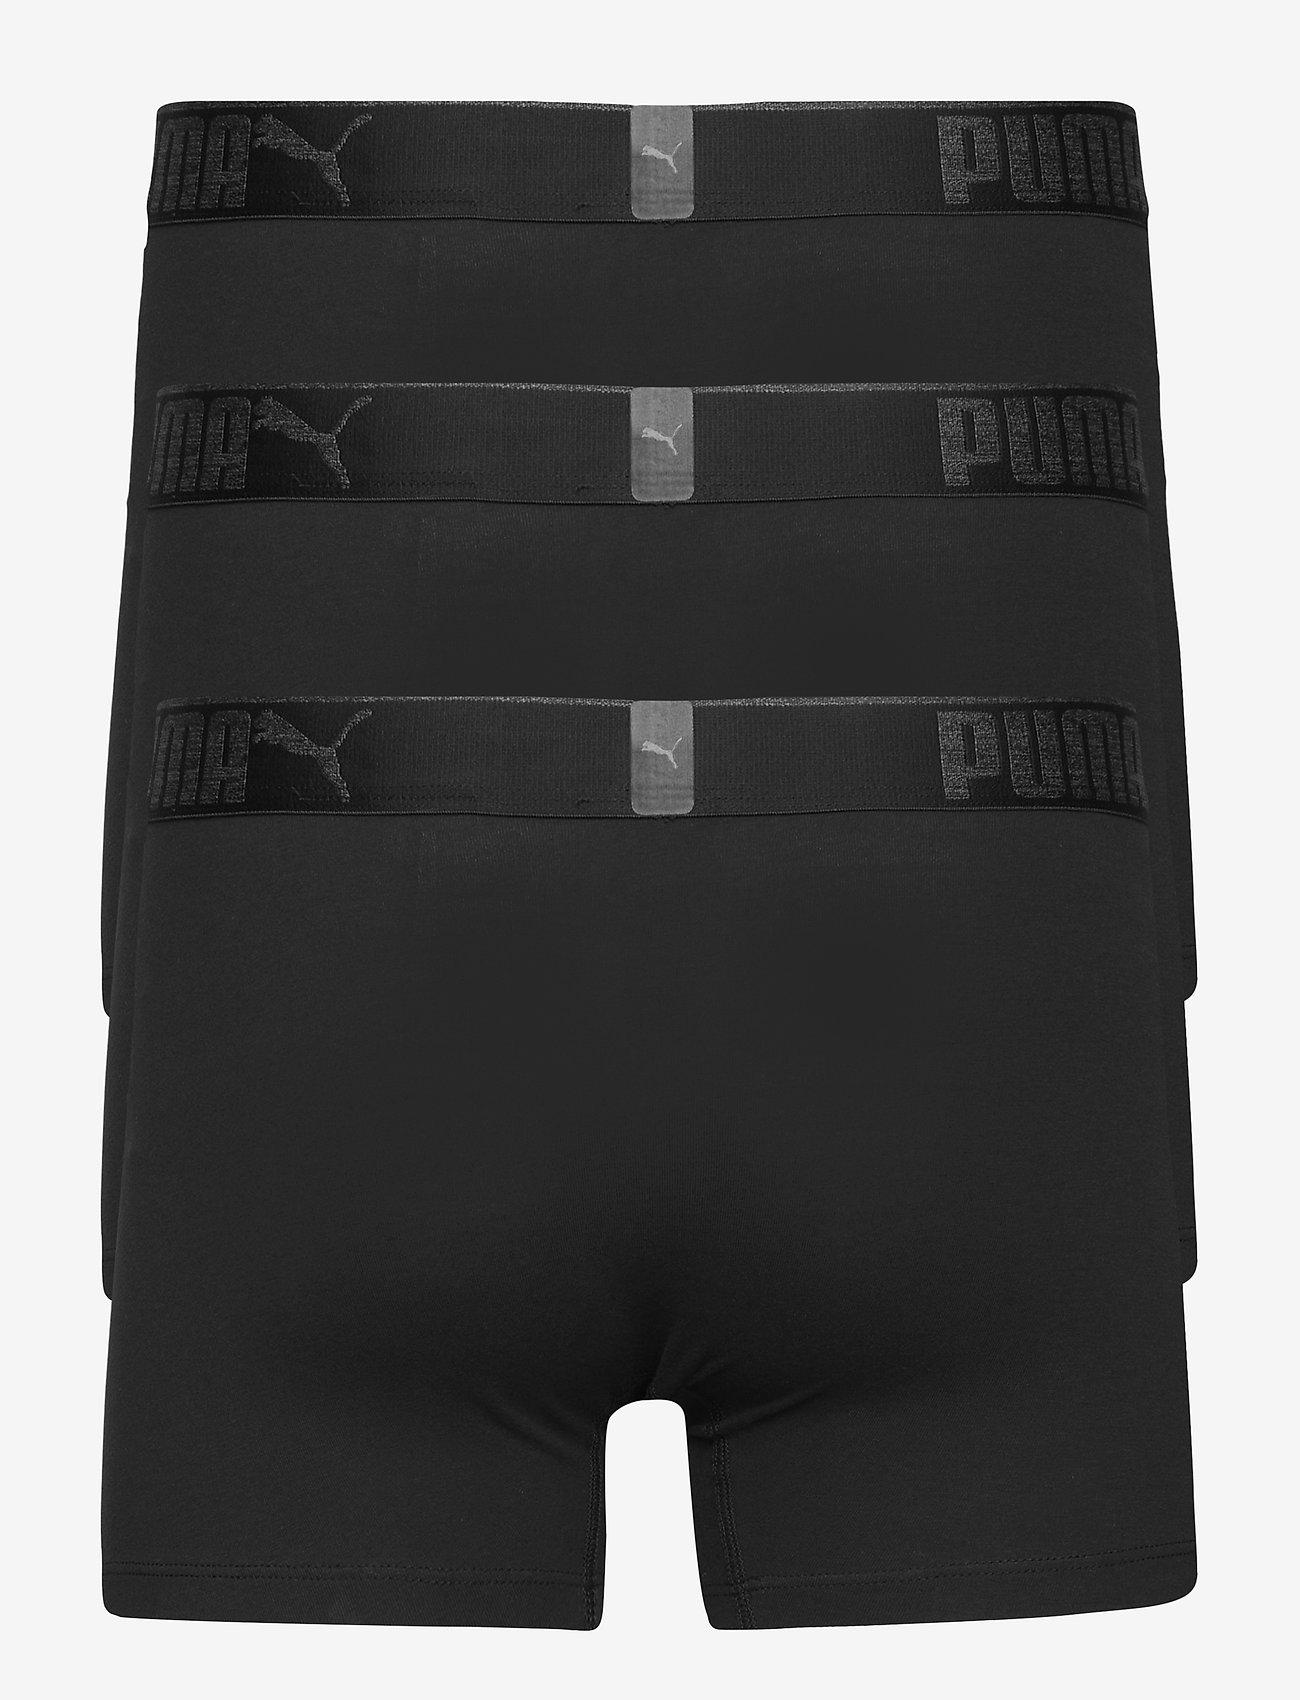 PUMA - PUMA PREMIUM SUEDED COTTON BOXER 3P - boxer briefs - black - 1